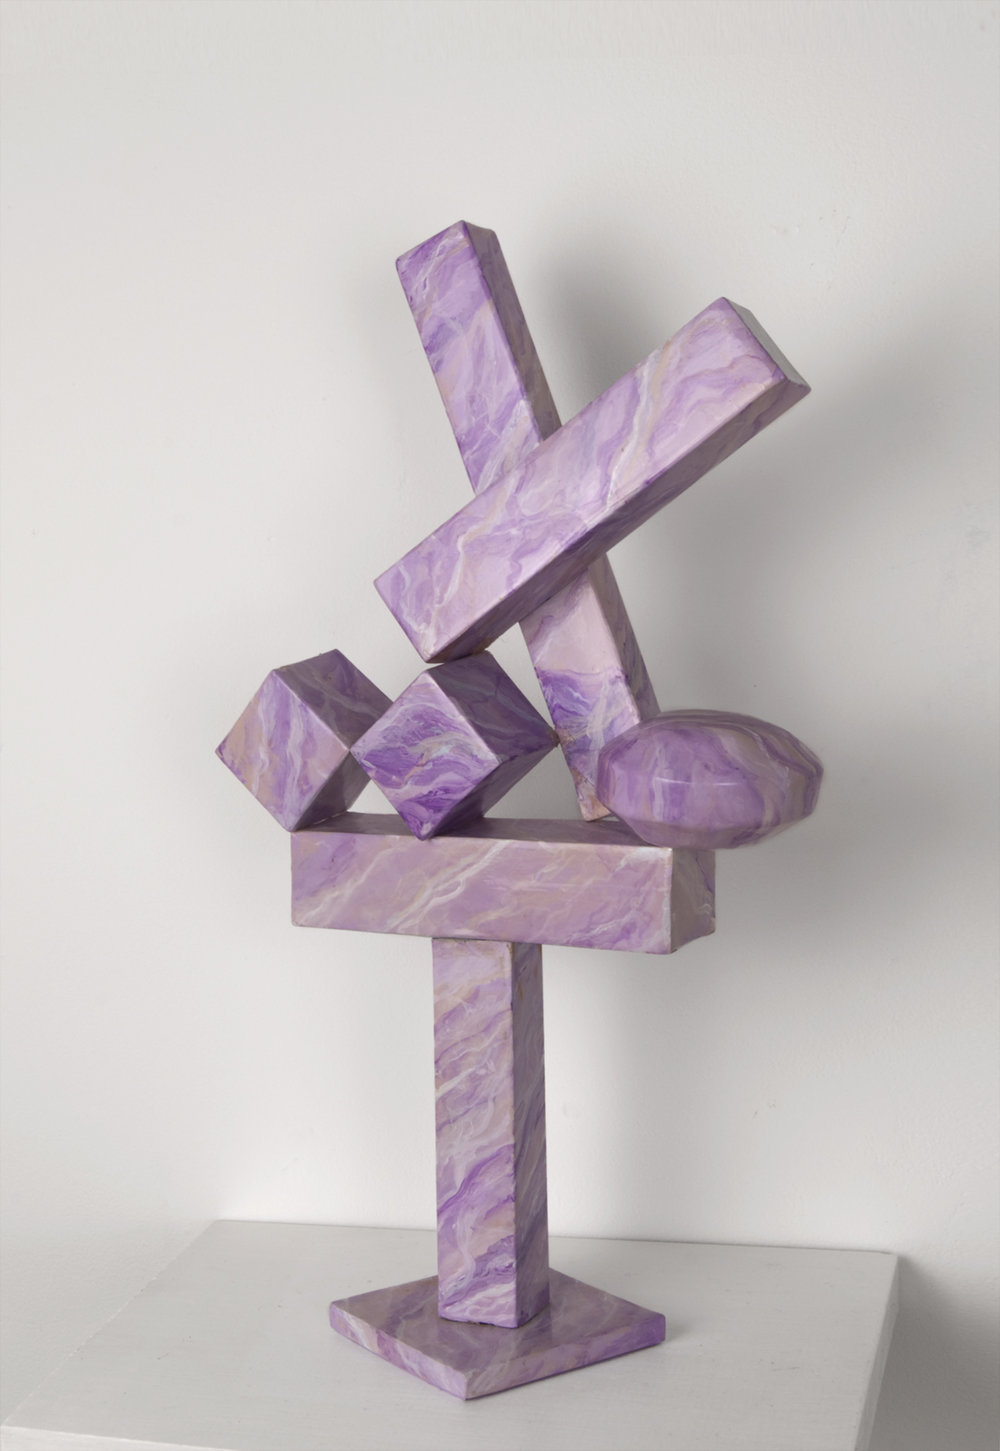 Homeland (Cubi XIX) , 2011, paper, acrylic, wooden armature, 14 1/2 x 8 x 3 1/4 inches